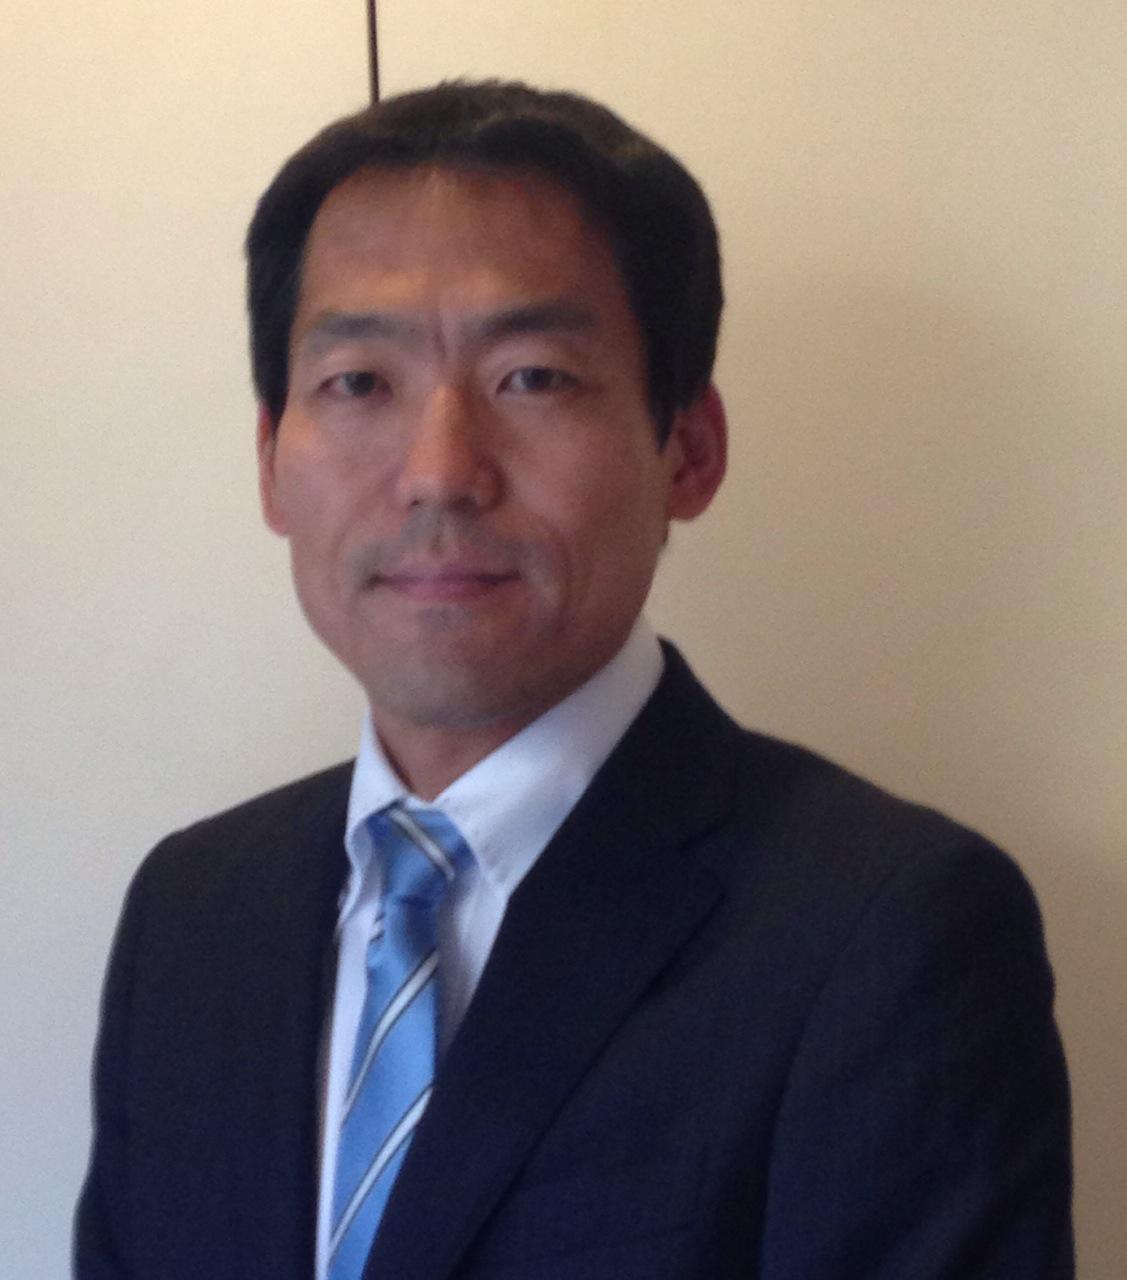 インテグラル(株) ディレクター兼(株)シカタ 代表取締役社長CEOの後藤